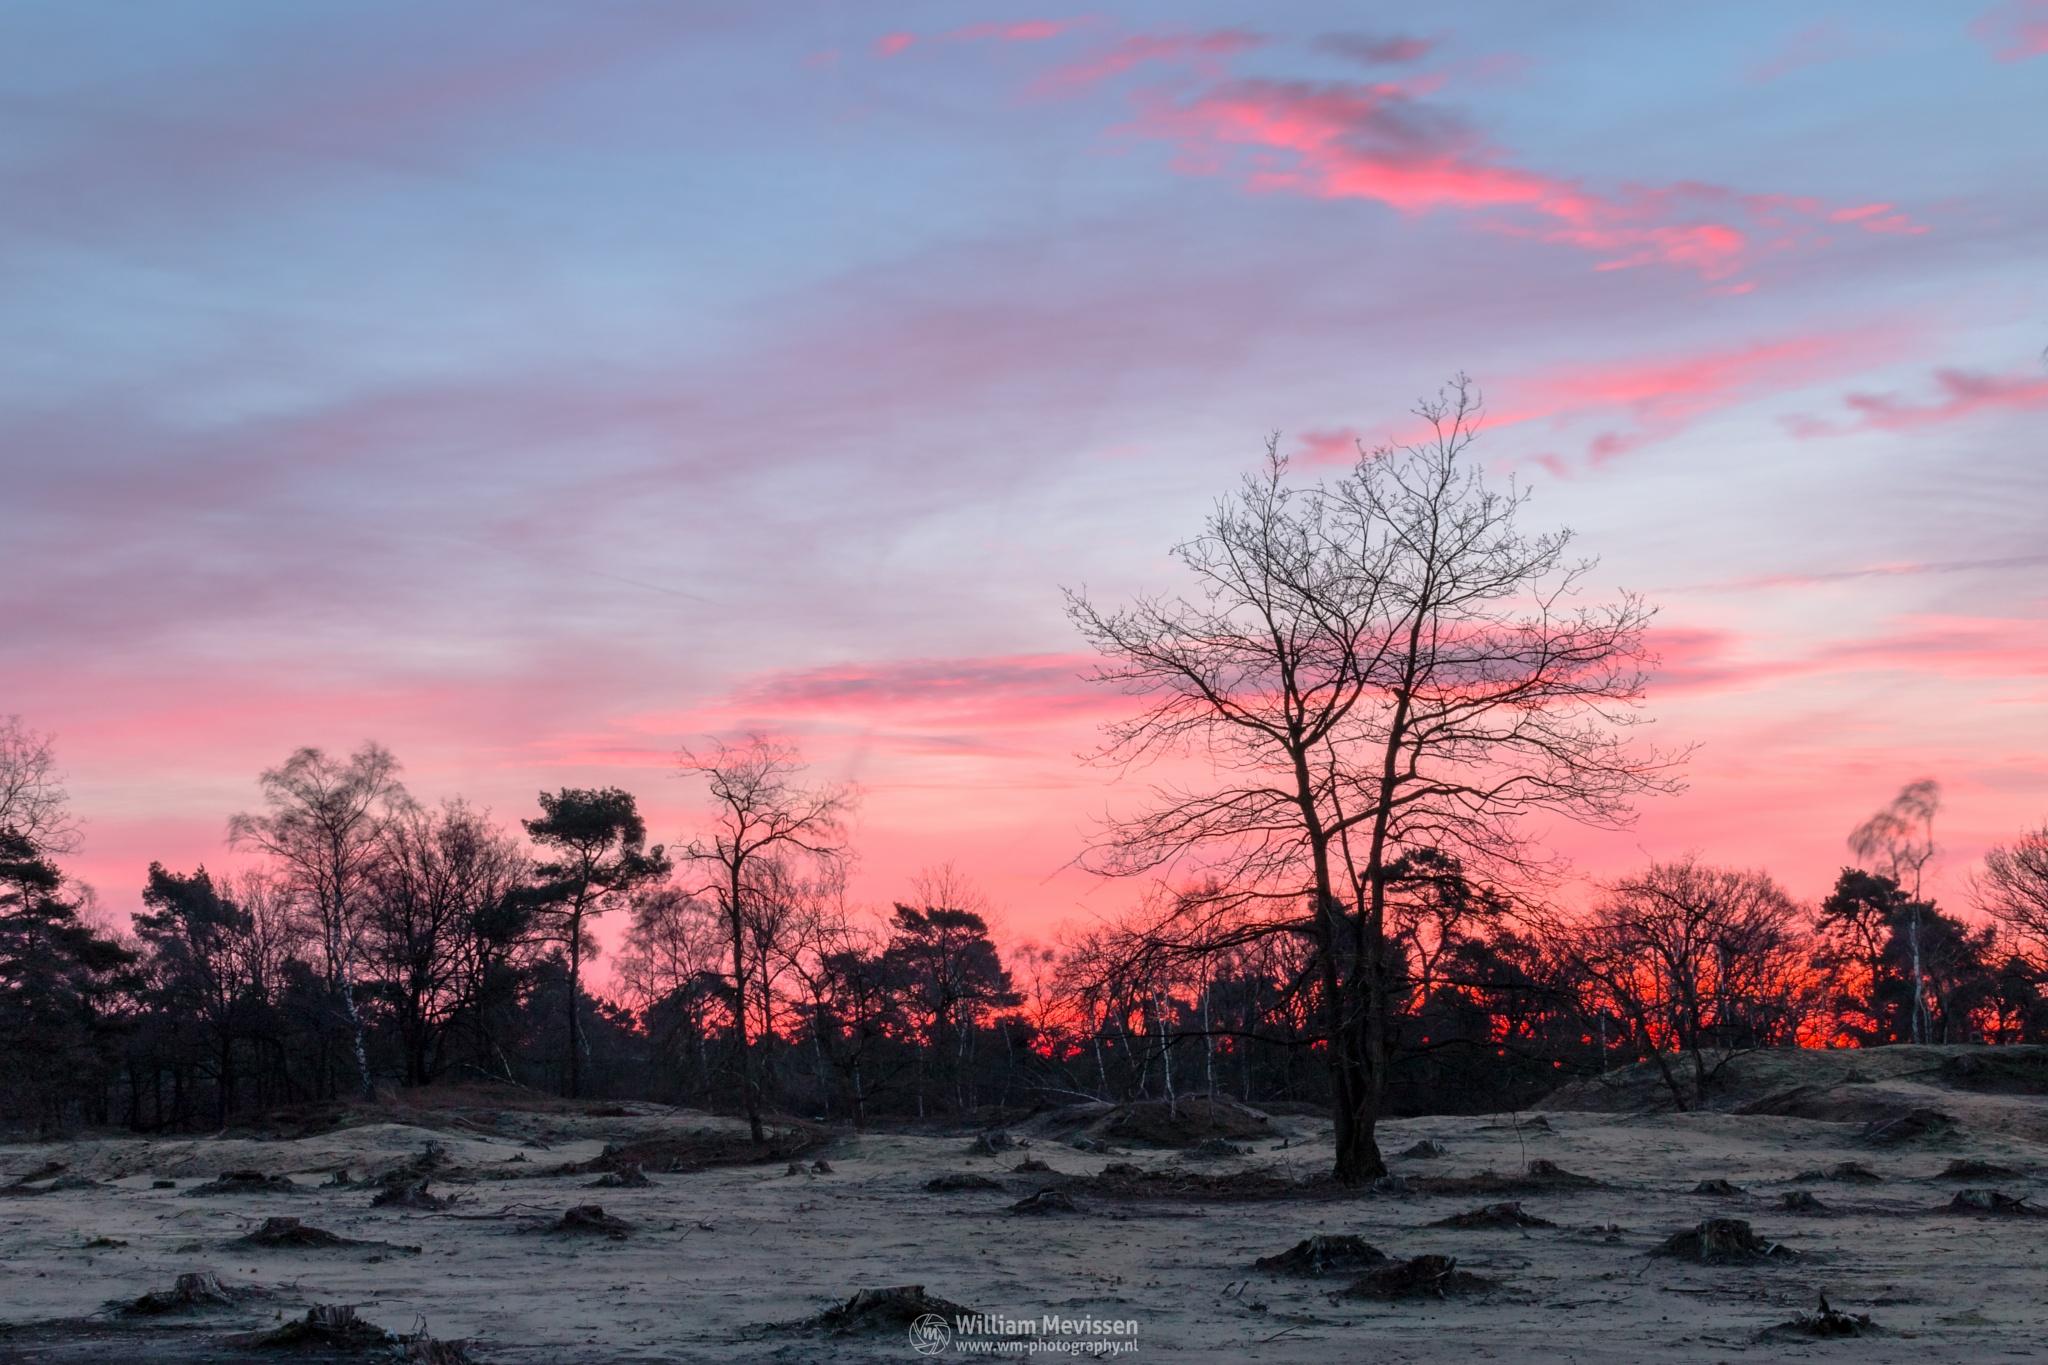 Red Twilight by William Mevissen